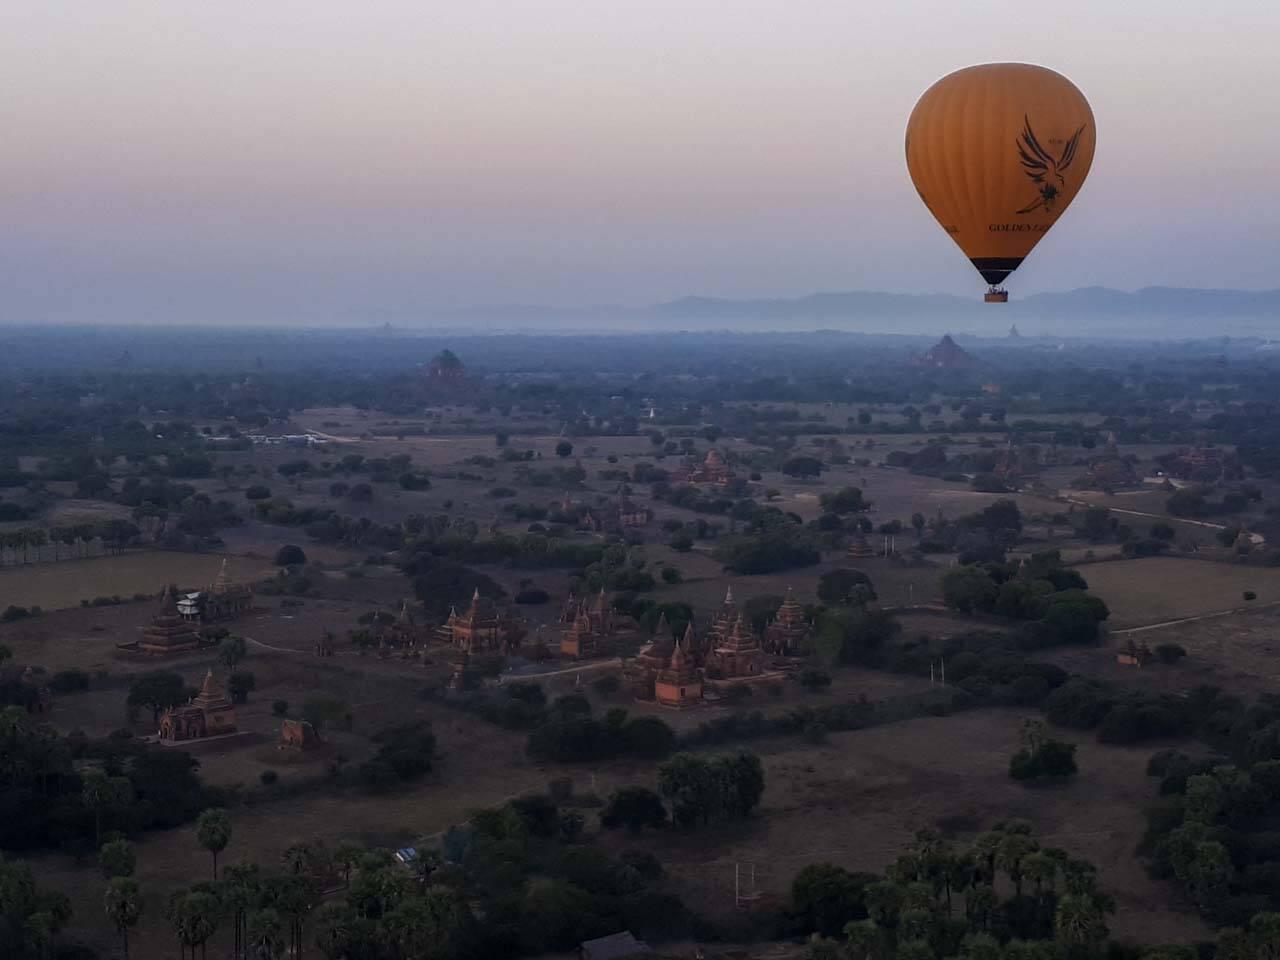 A vista dos balões em Bagan no Myanmar com o céu amanhecendo e os templos.